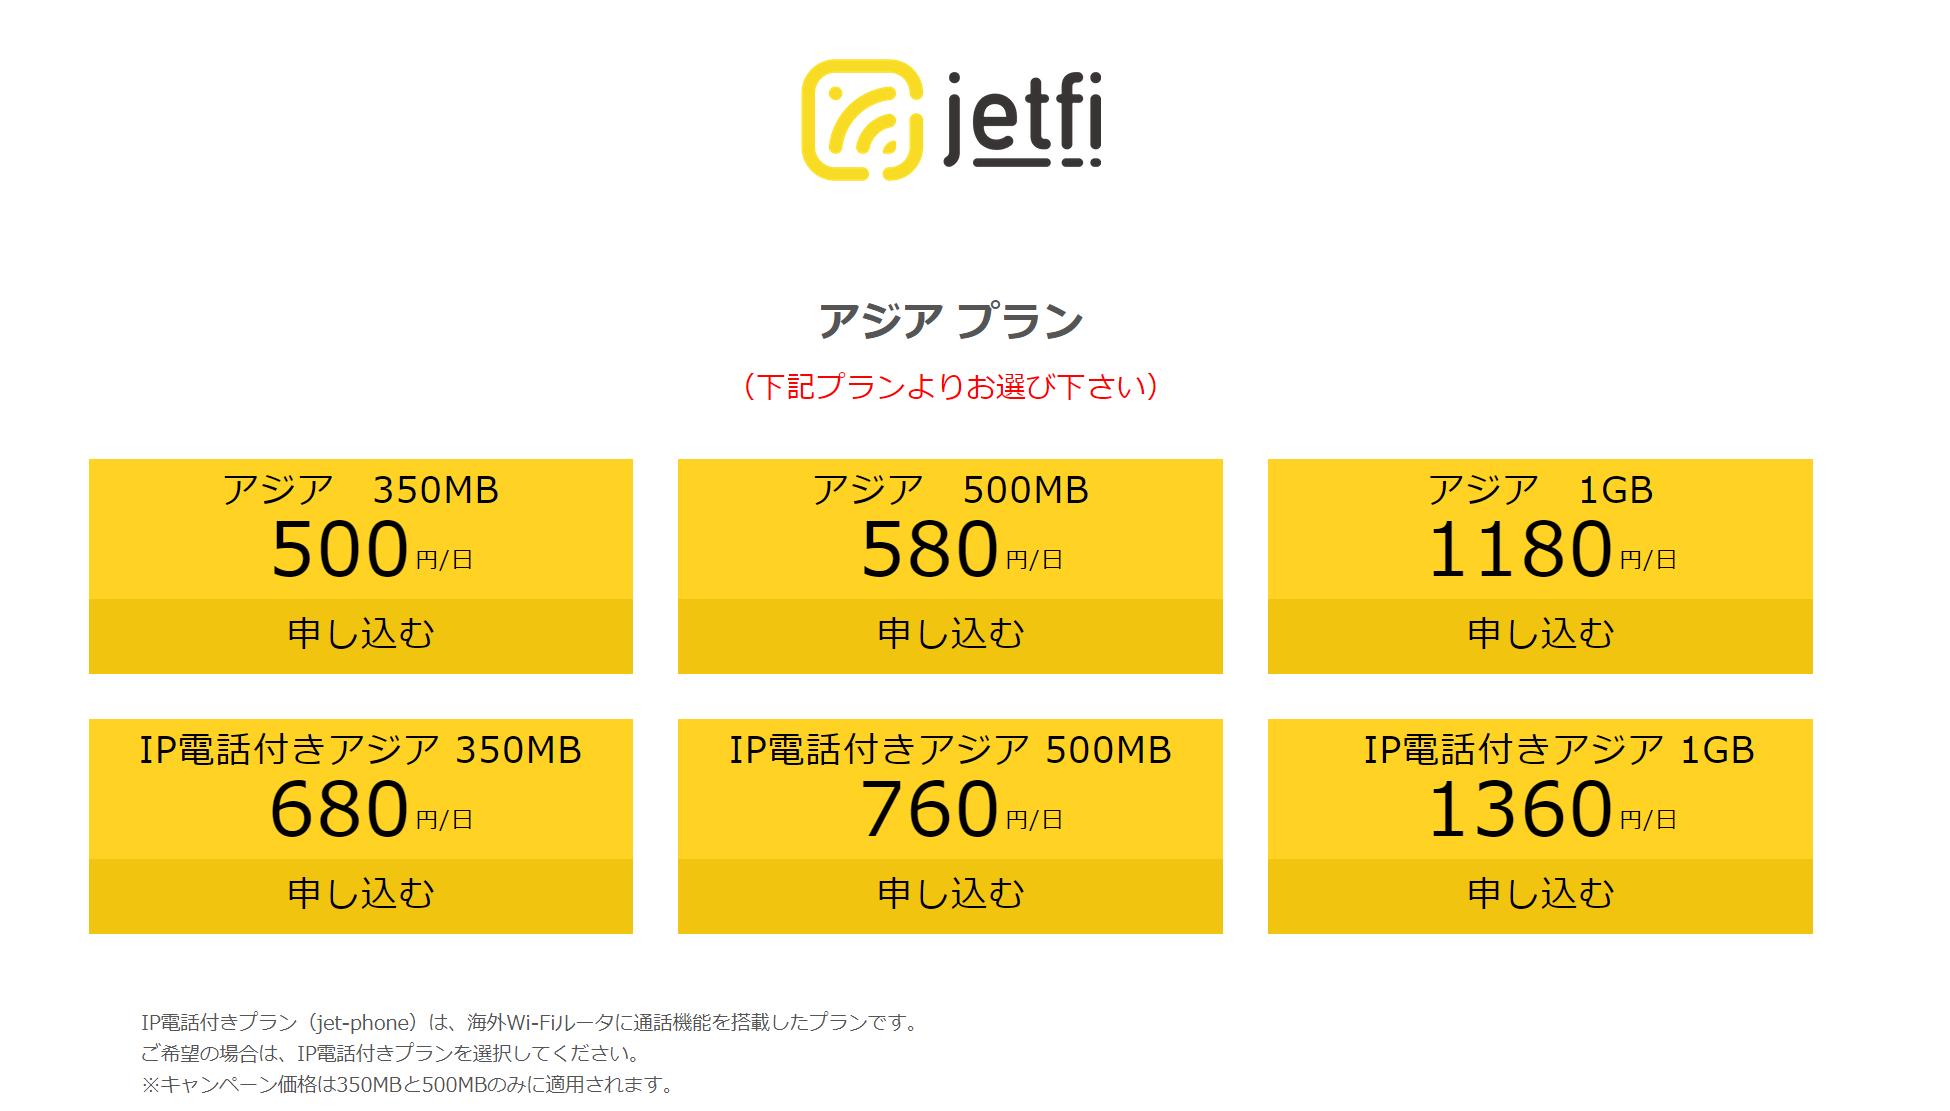 jetfiの容量を選択する画面